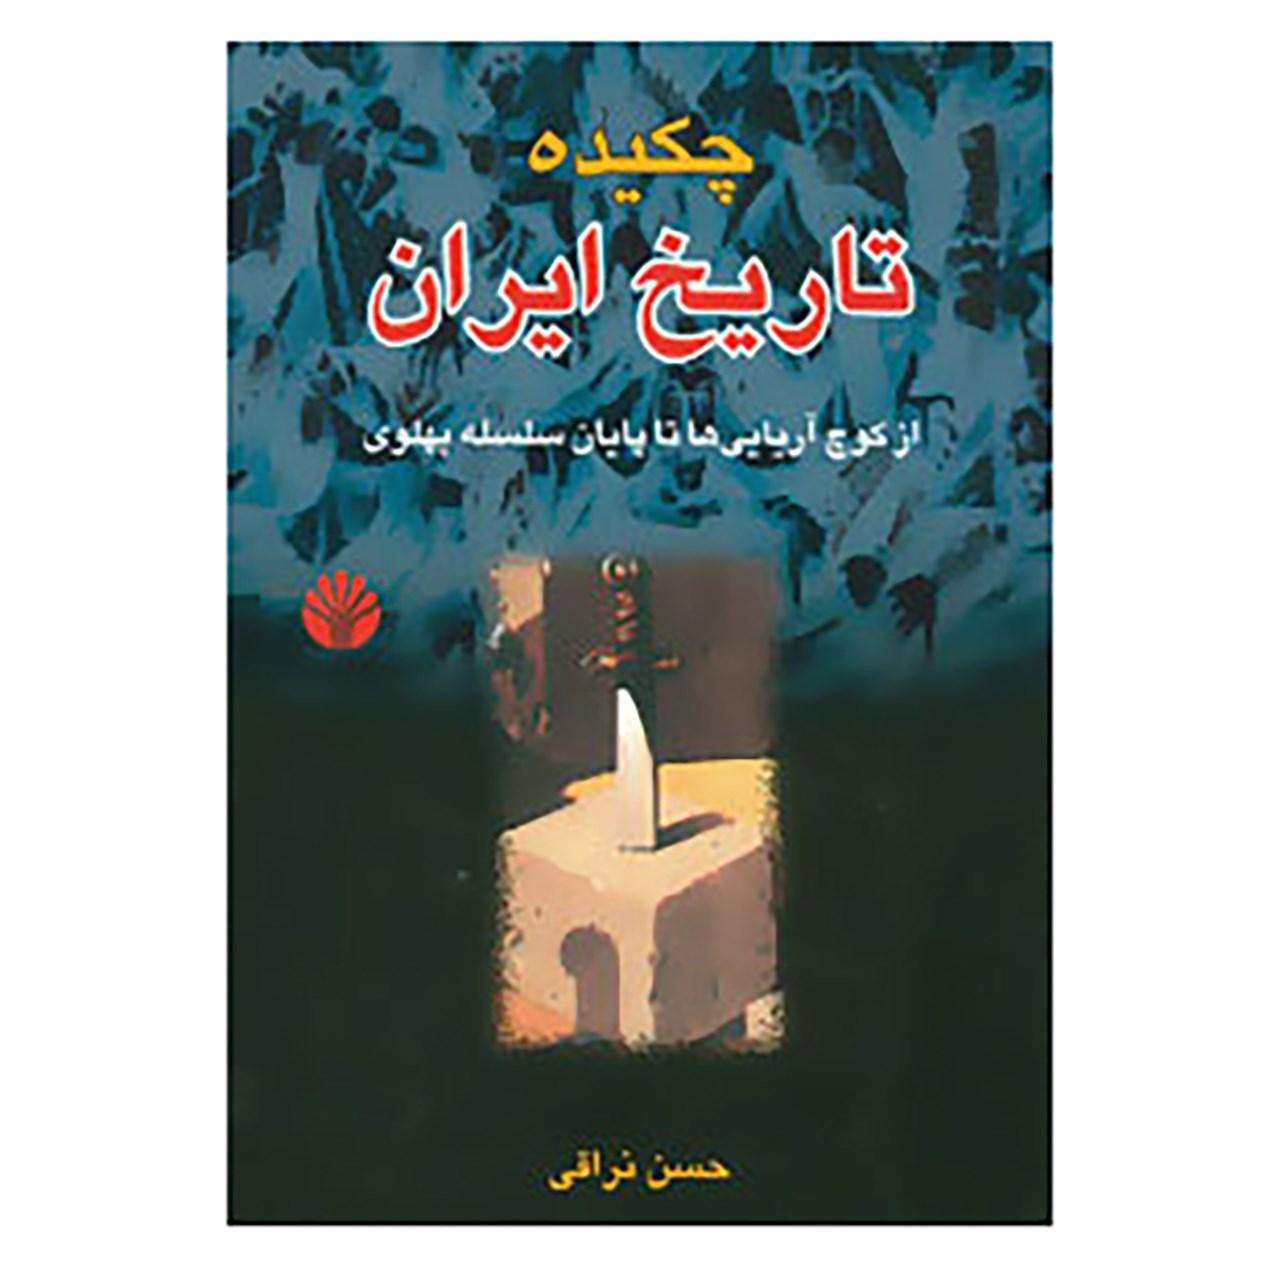 خرید                      کتاب چکیده تاریخ ایران اثر حسن نراقی